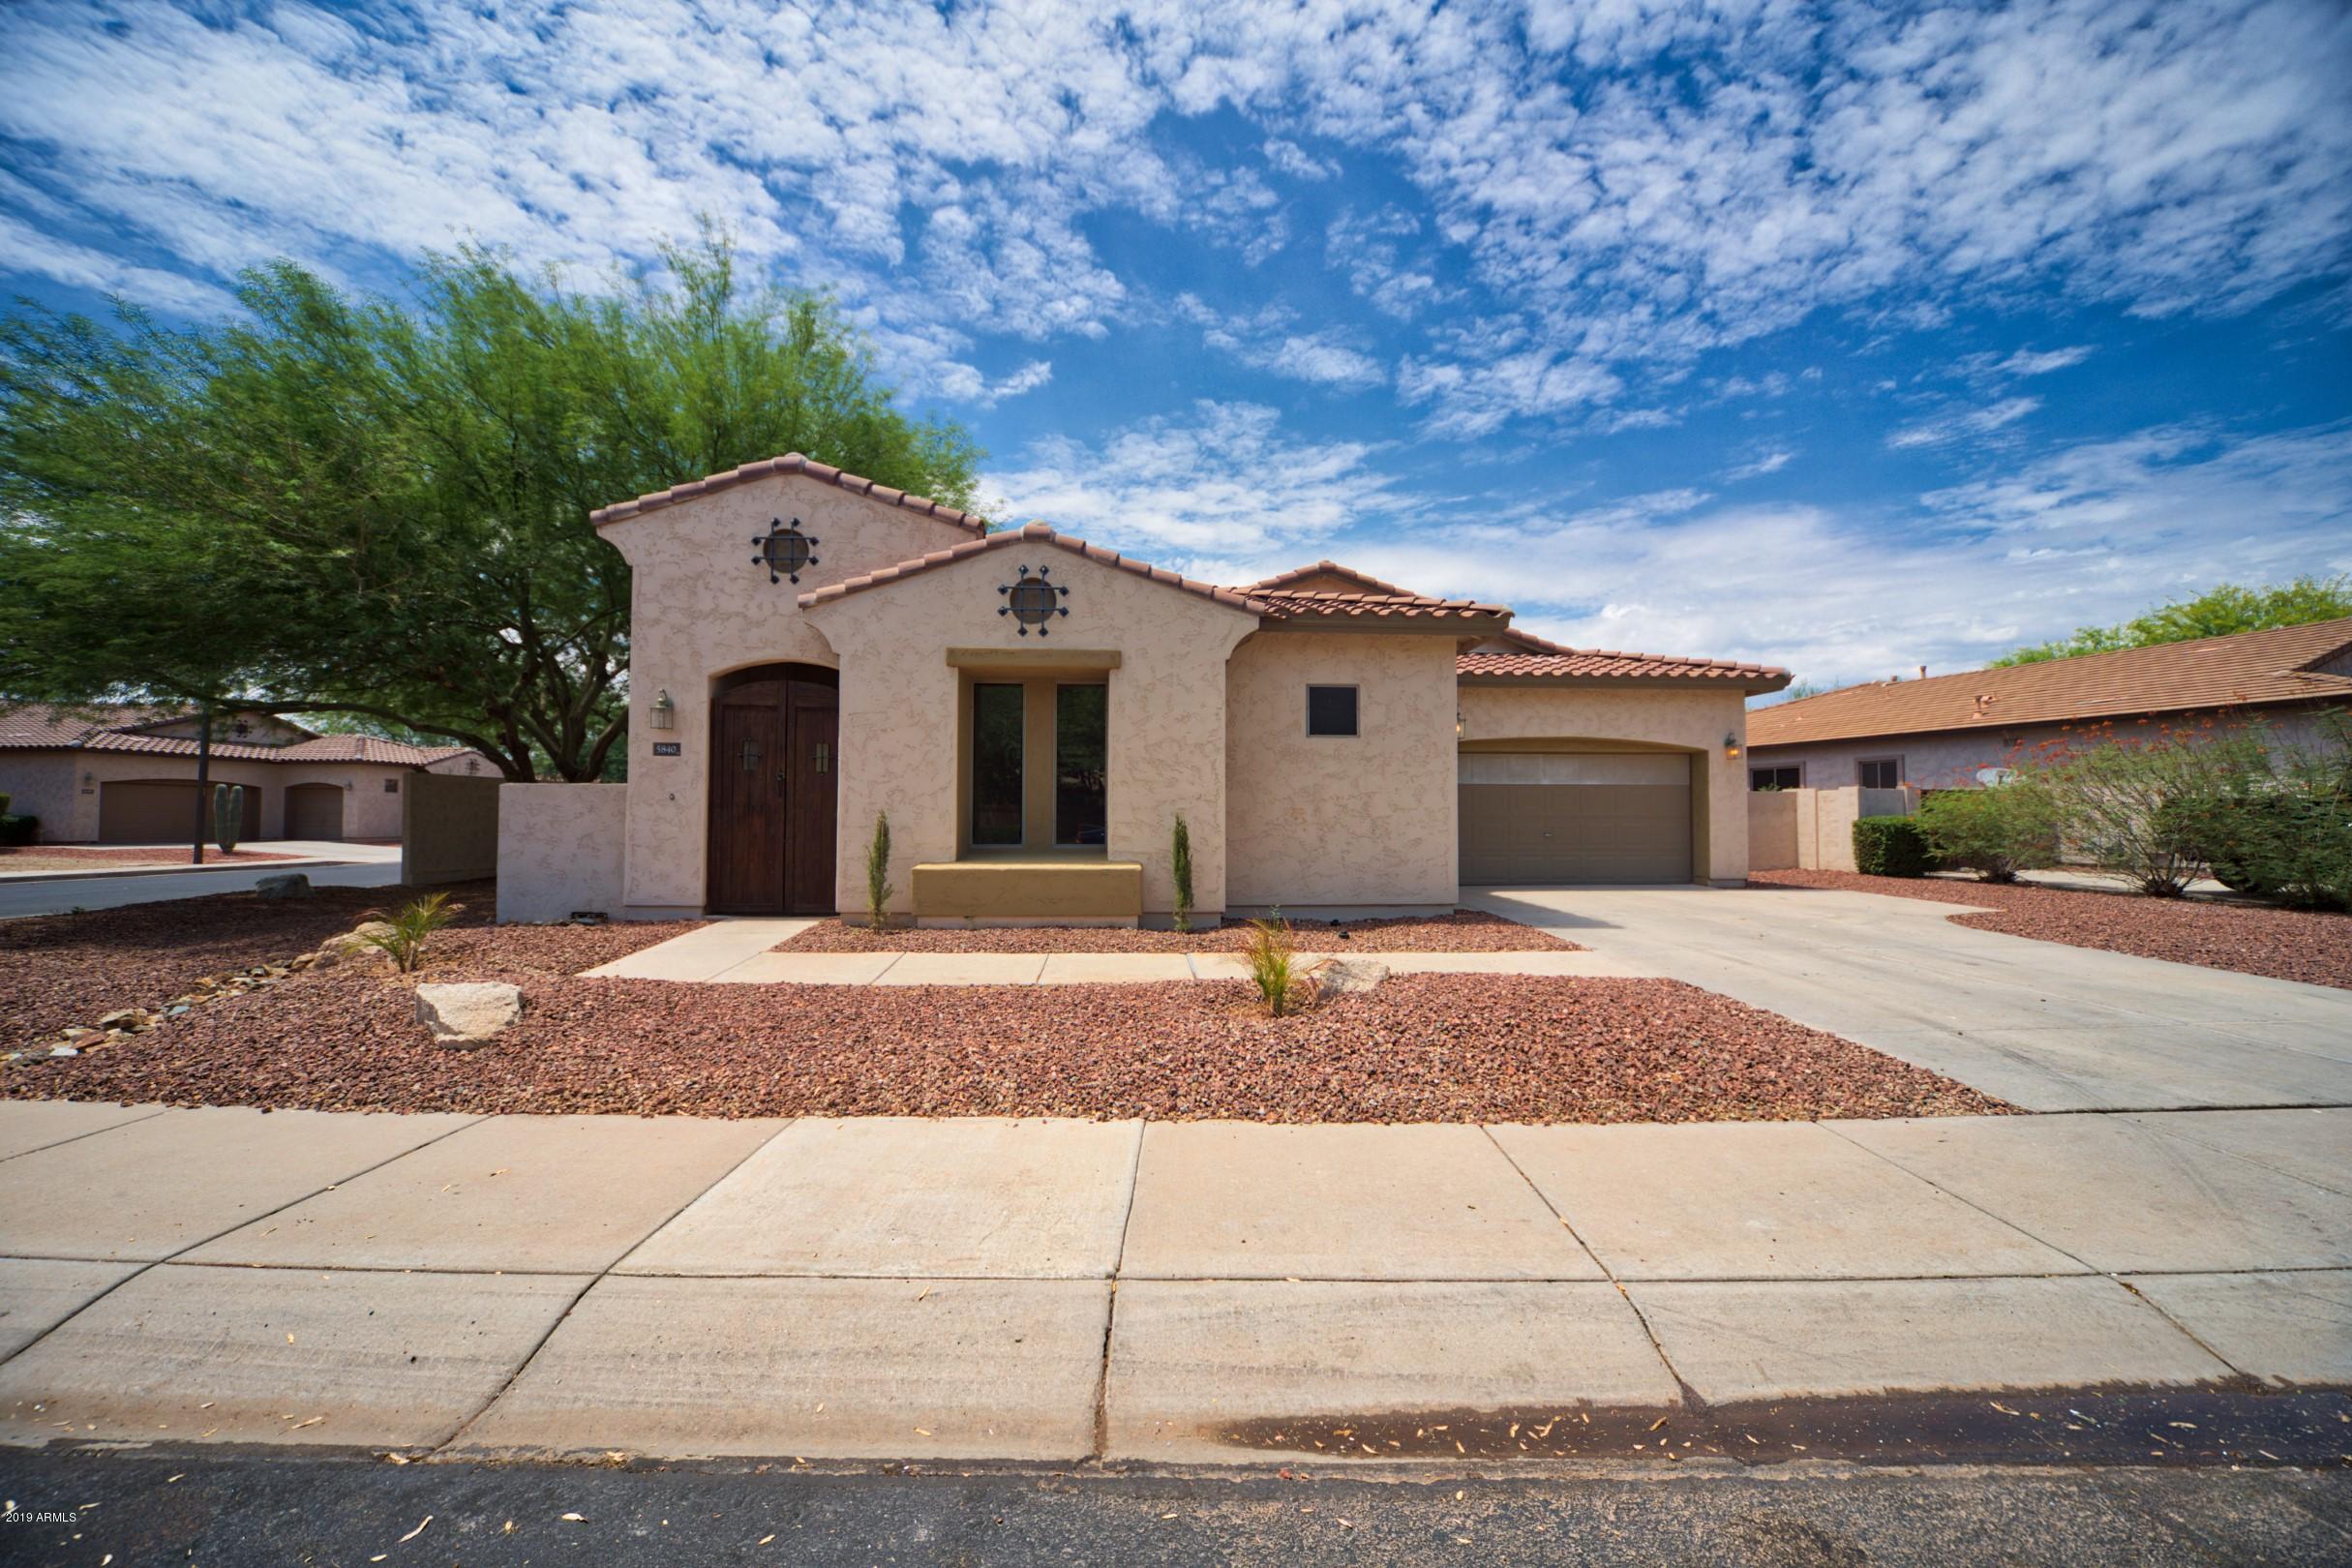 MLS 5959783 5840 S MESQUITE GROVE Way, Chandler, AZ 85249 Chandler AZ Mesquite Grove Estates